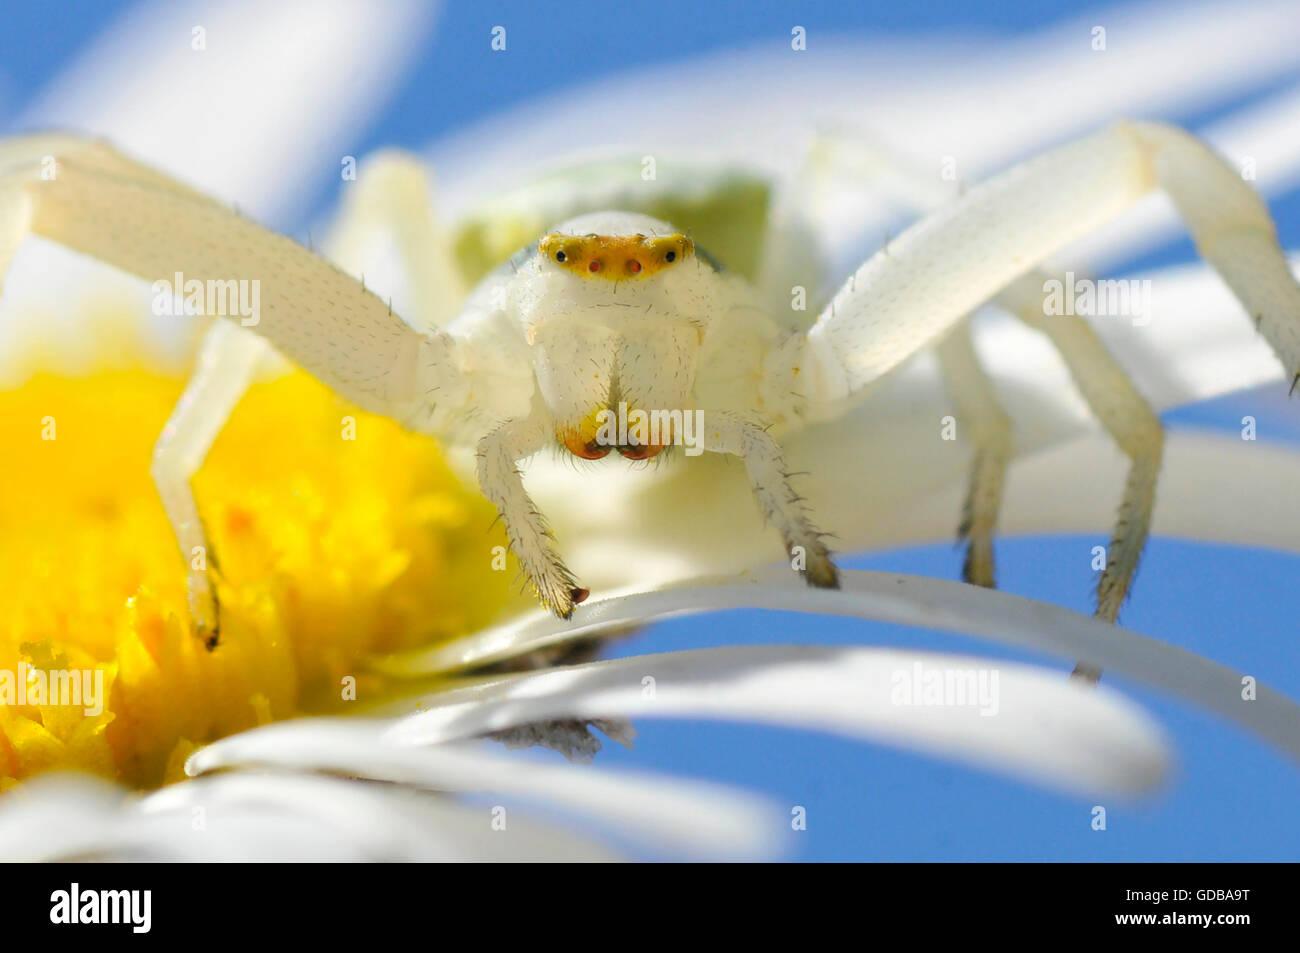 Macro d'araignée crabe (Misumena vatia) vu de l'avant sur daisy flower Banque D'Images